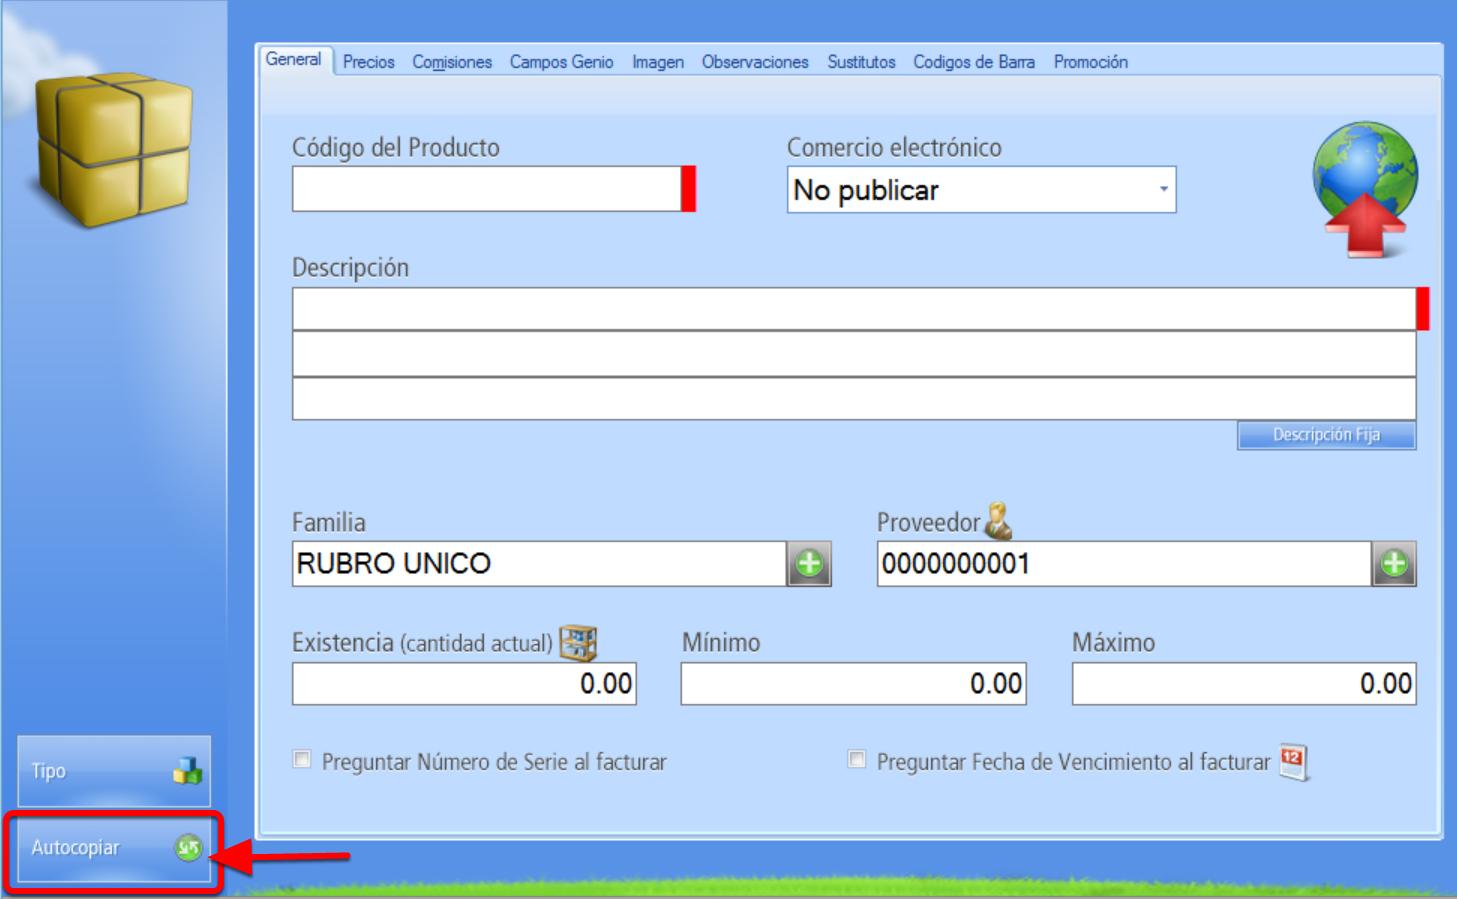 Registro de Nuevo Producto - Botón Autocopiar Desactivado